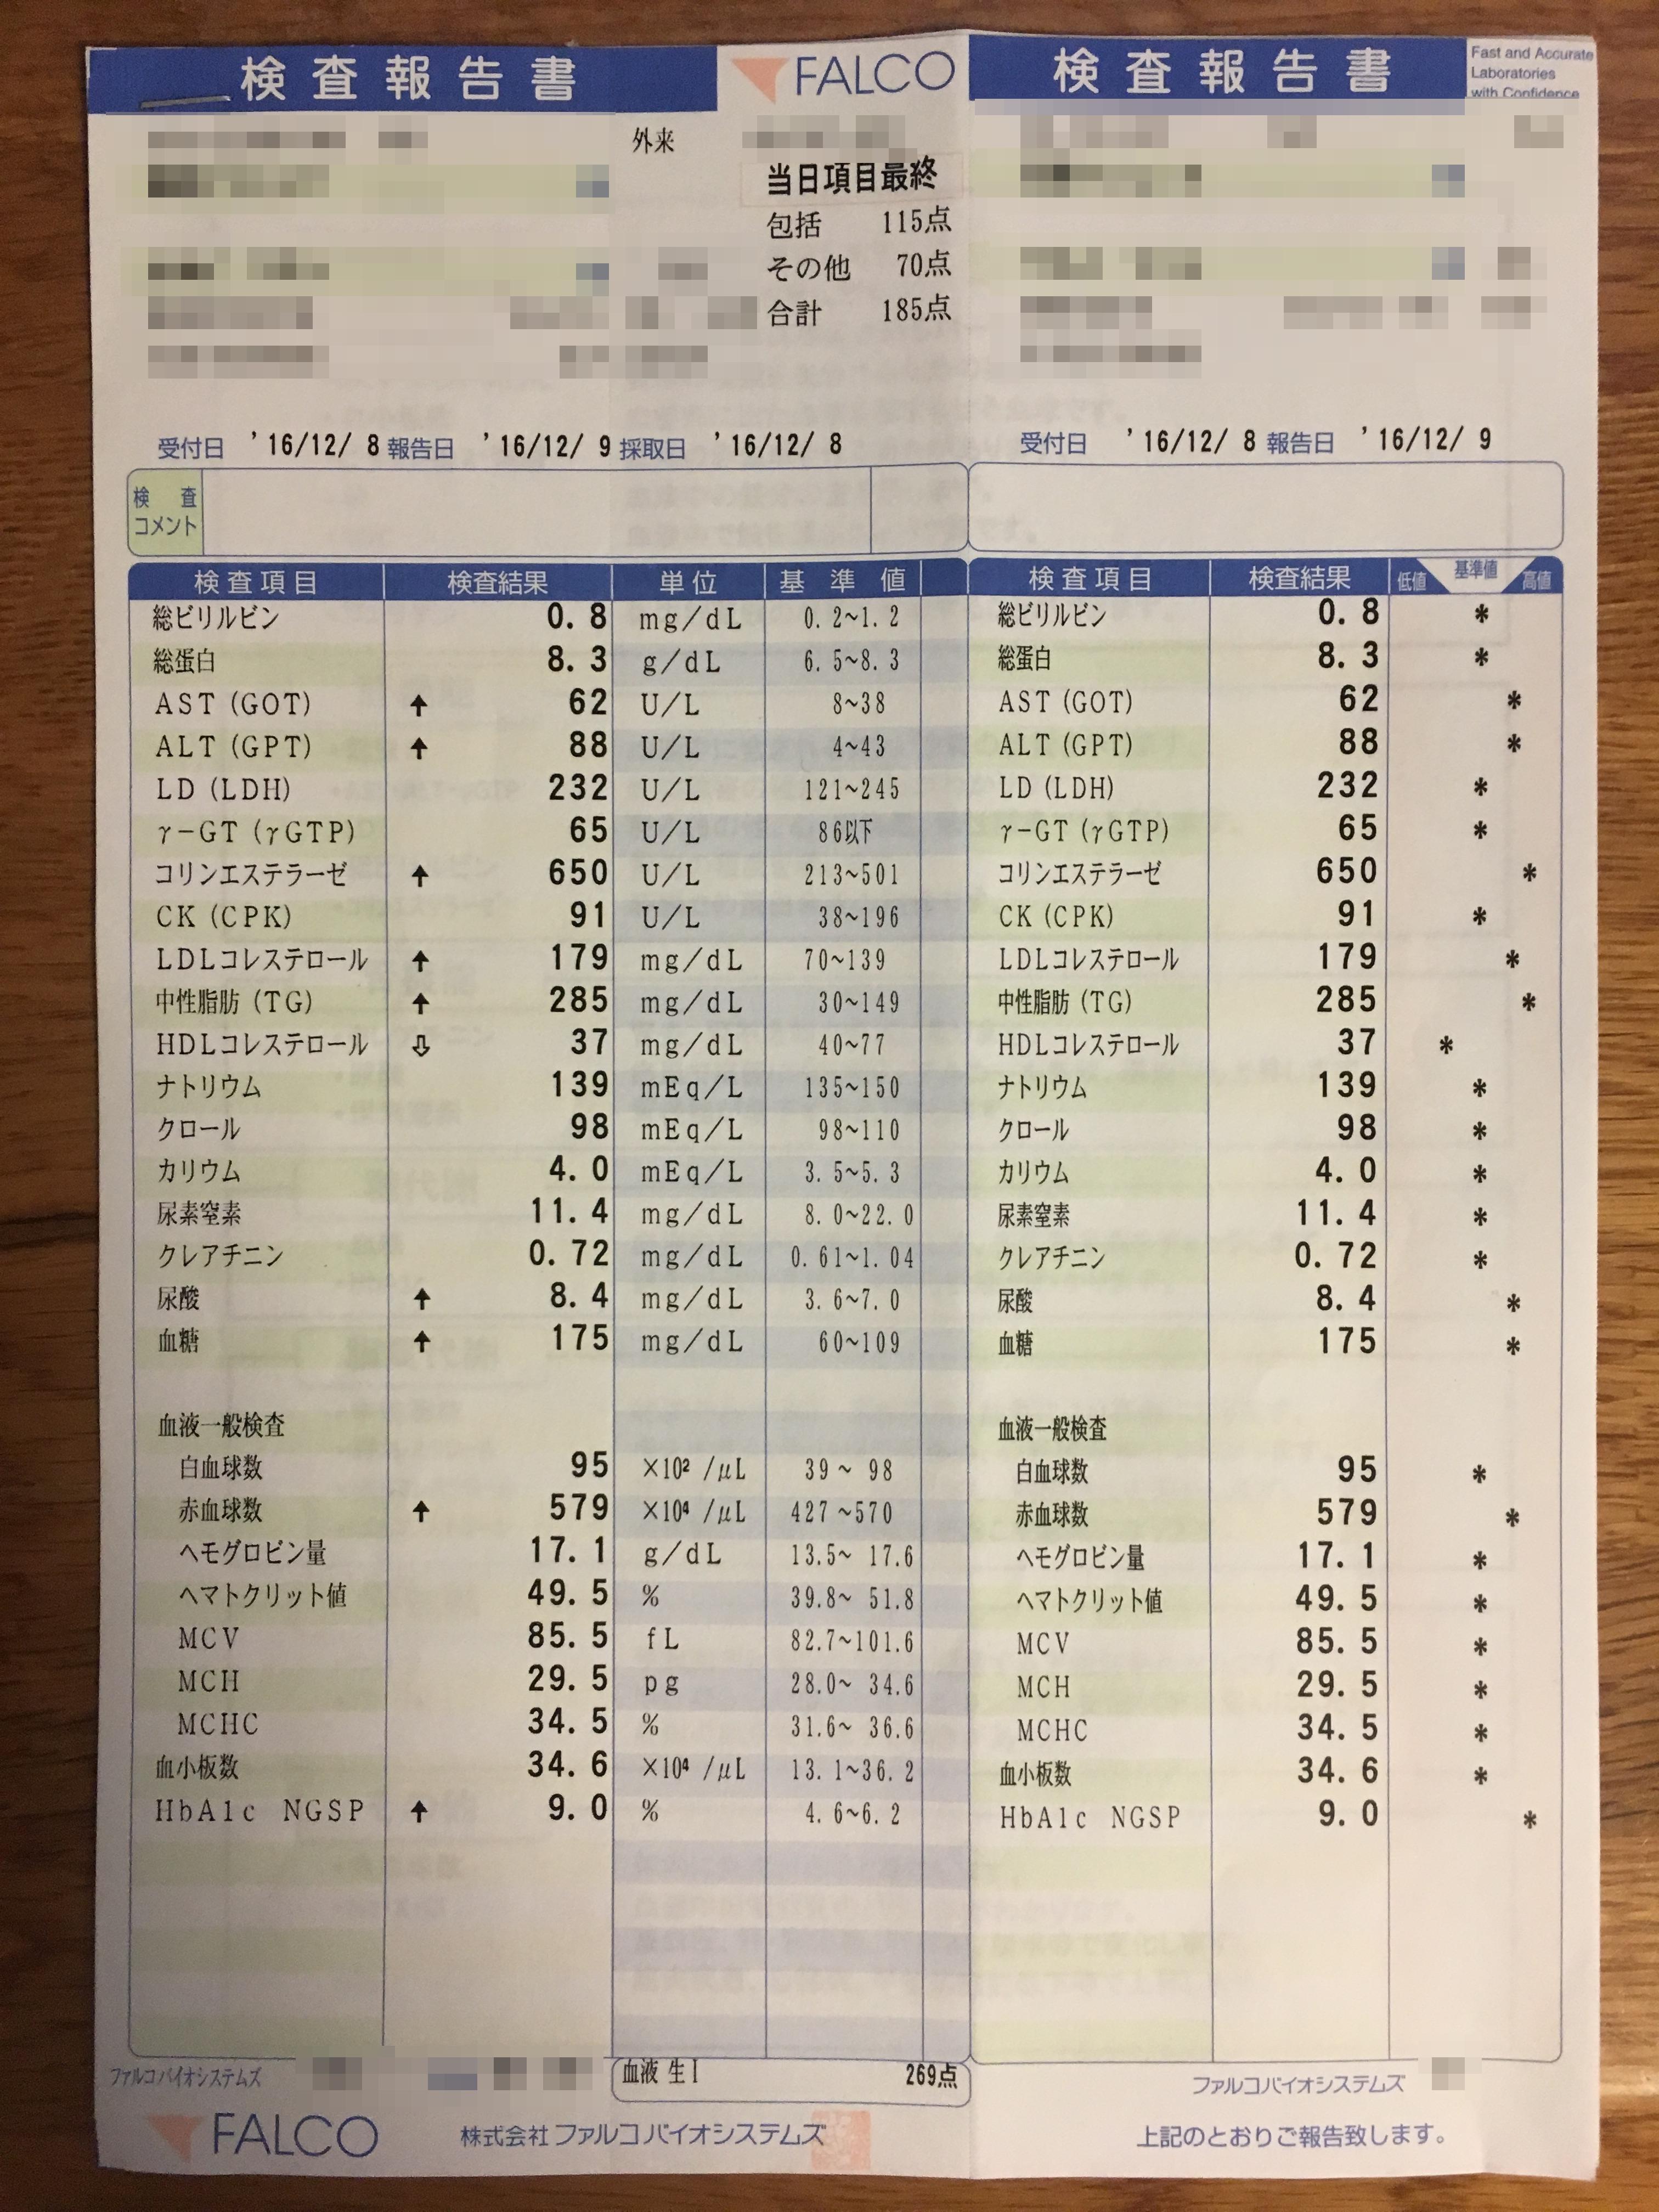 血液検査結果2016年12月